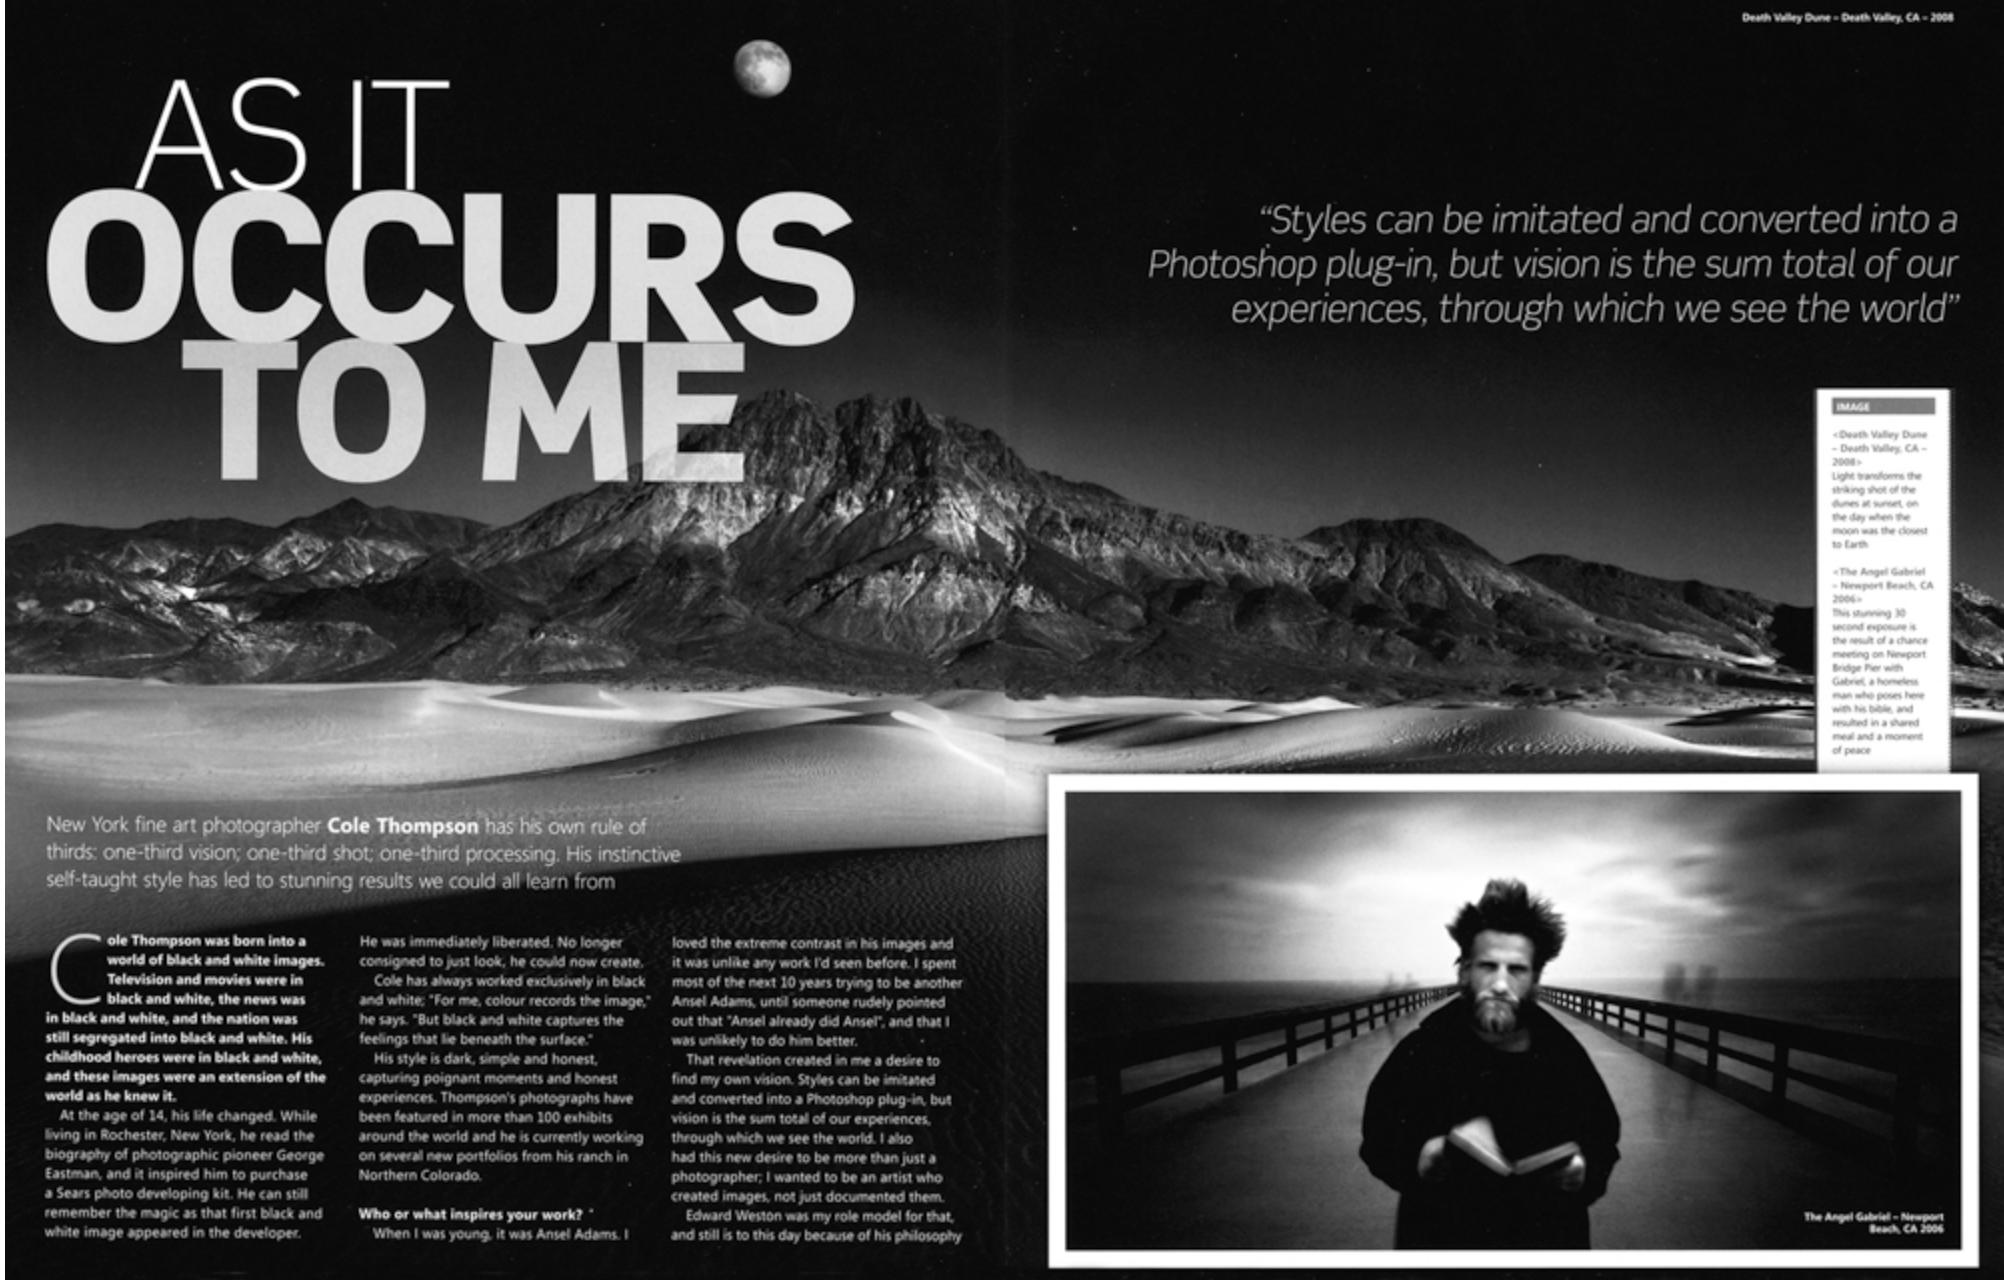 Digital photography photography magazine magazine design magazine layouts magazine articles yearbook